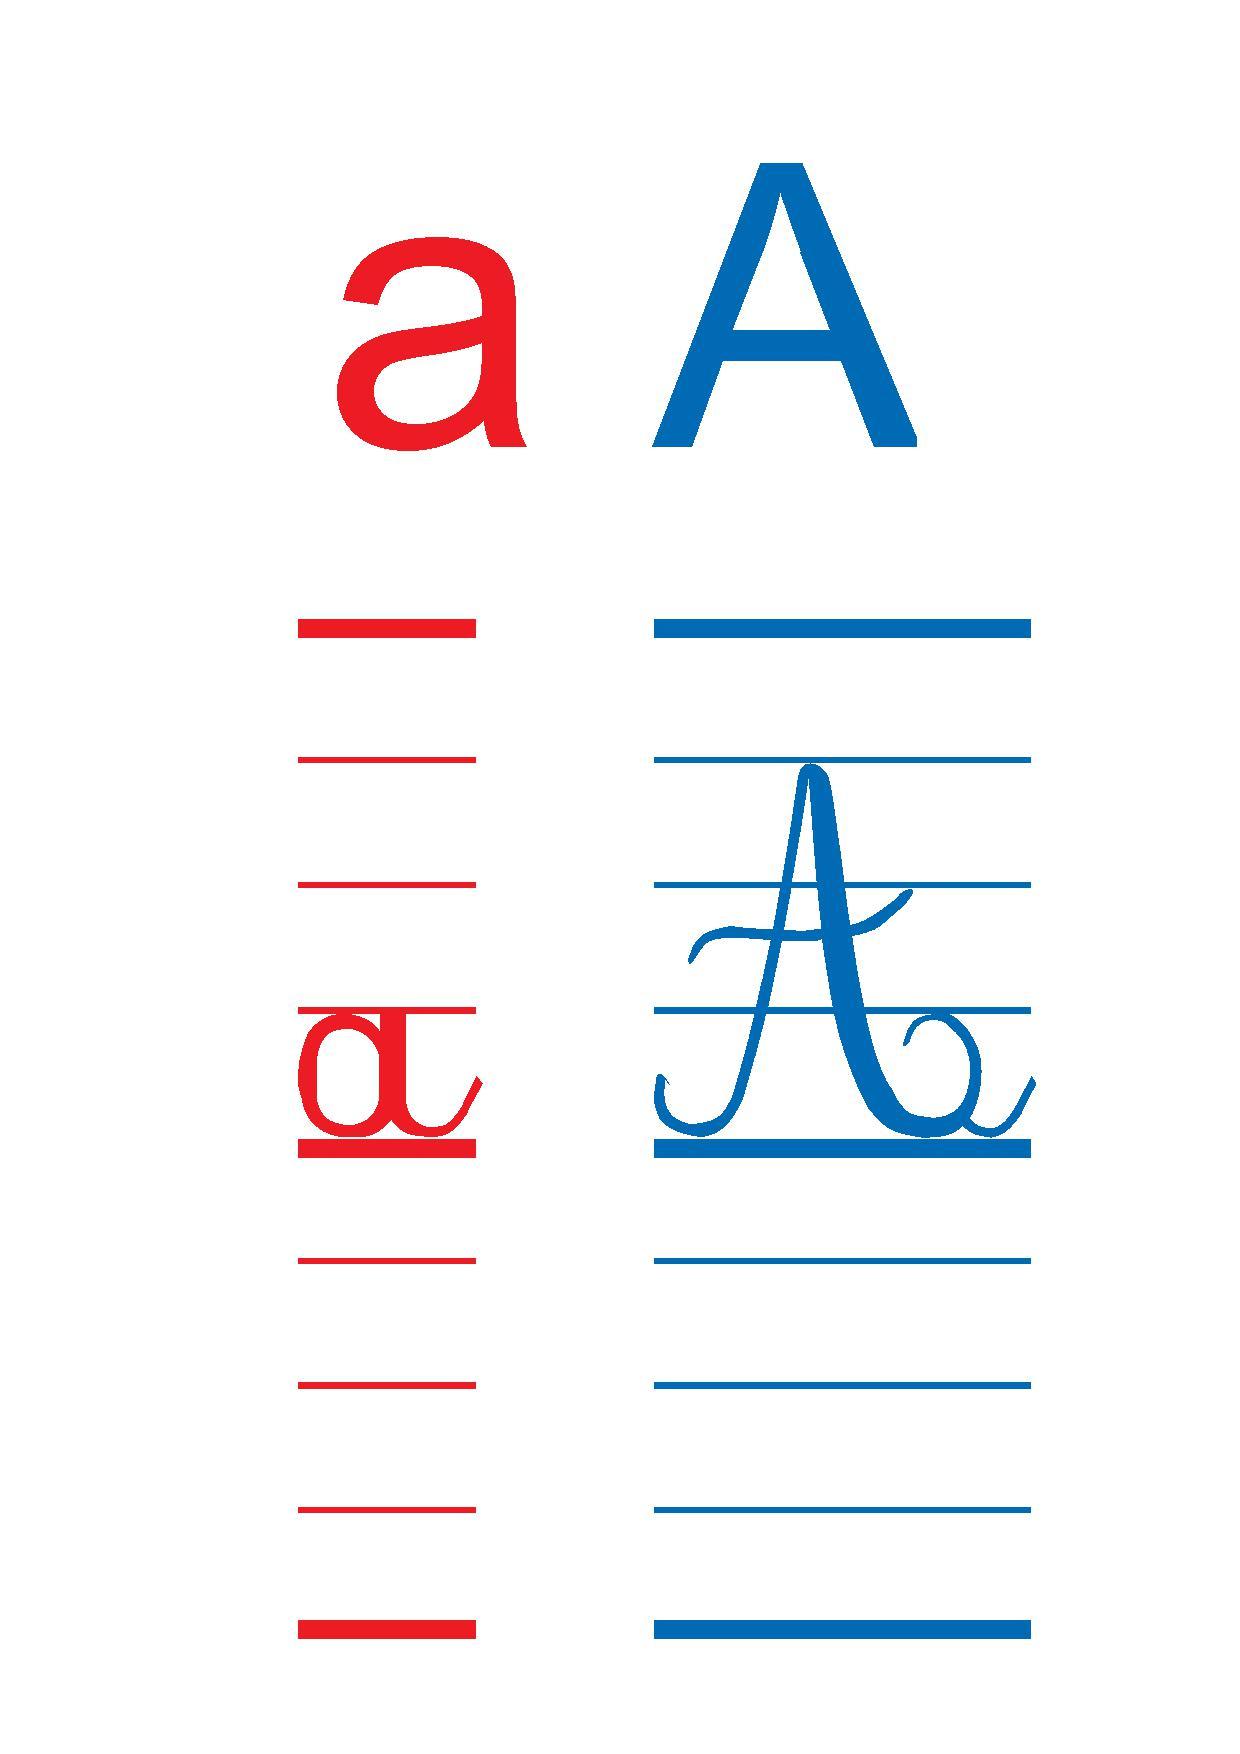 Affiches Des Lettres De L'alphabet Cp,ce1, Les Lettres En serapportantà L Alphabet En Majuscule